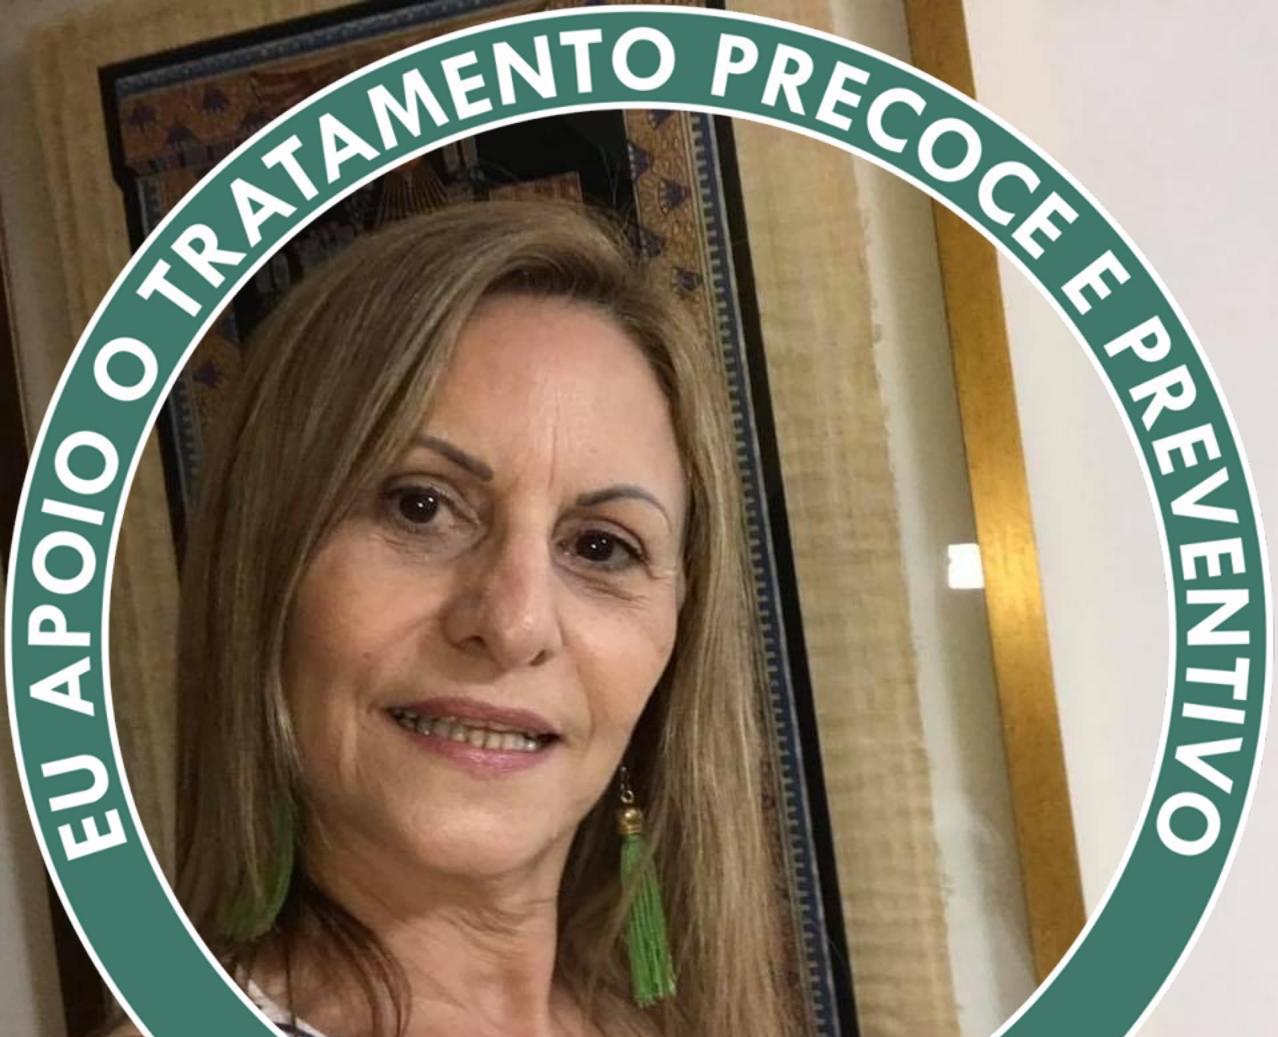 Médica defensora de cloroquina é exonerada da direção de hospital federal no Rj